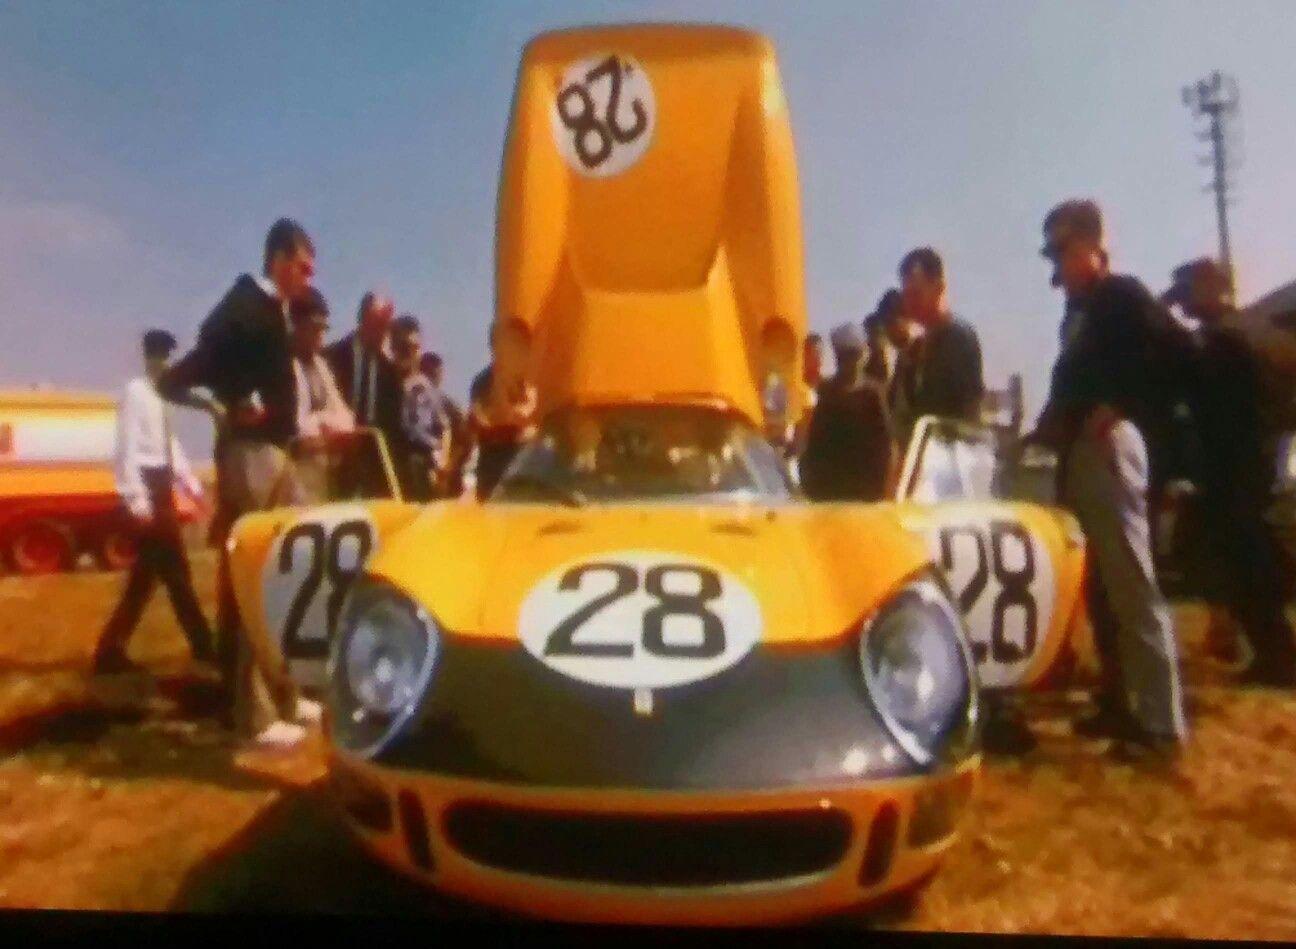 1966 Le Mans 24 hours race 28 Ferrari 275LM, entered by